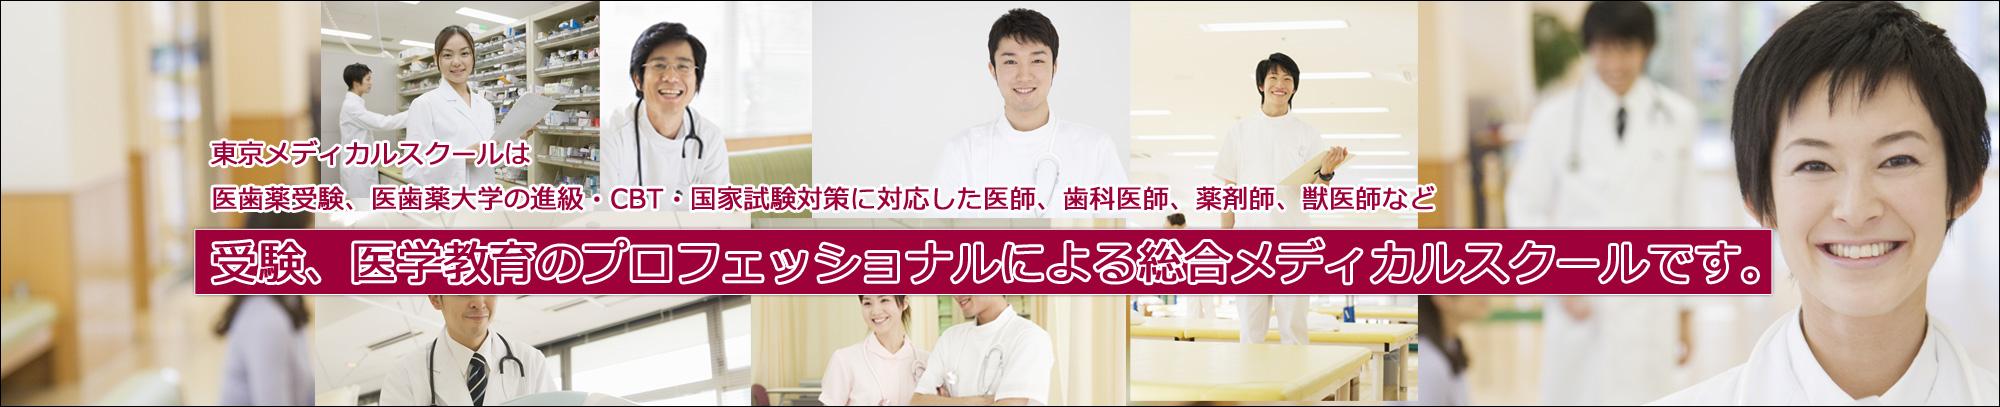 東京メディカルスクールは医歯薬受験、医歯薬大学の進級・CBT・国家試験対策に対応した医師、歯科医師、薬剤師、獣医師など受験、医学教育のプロフェッショナルによる総合メディカルスクールです。